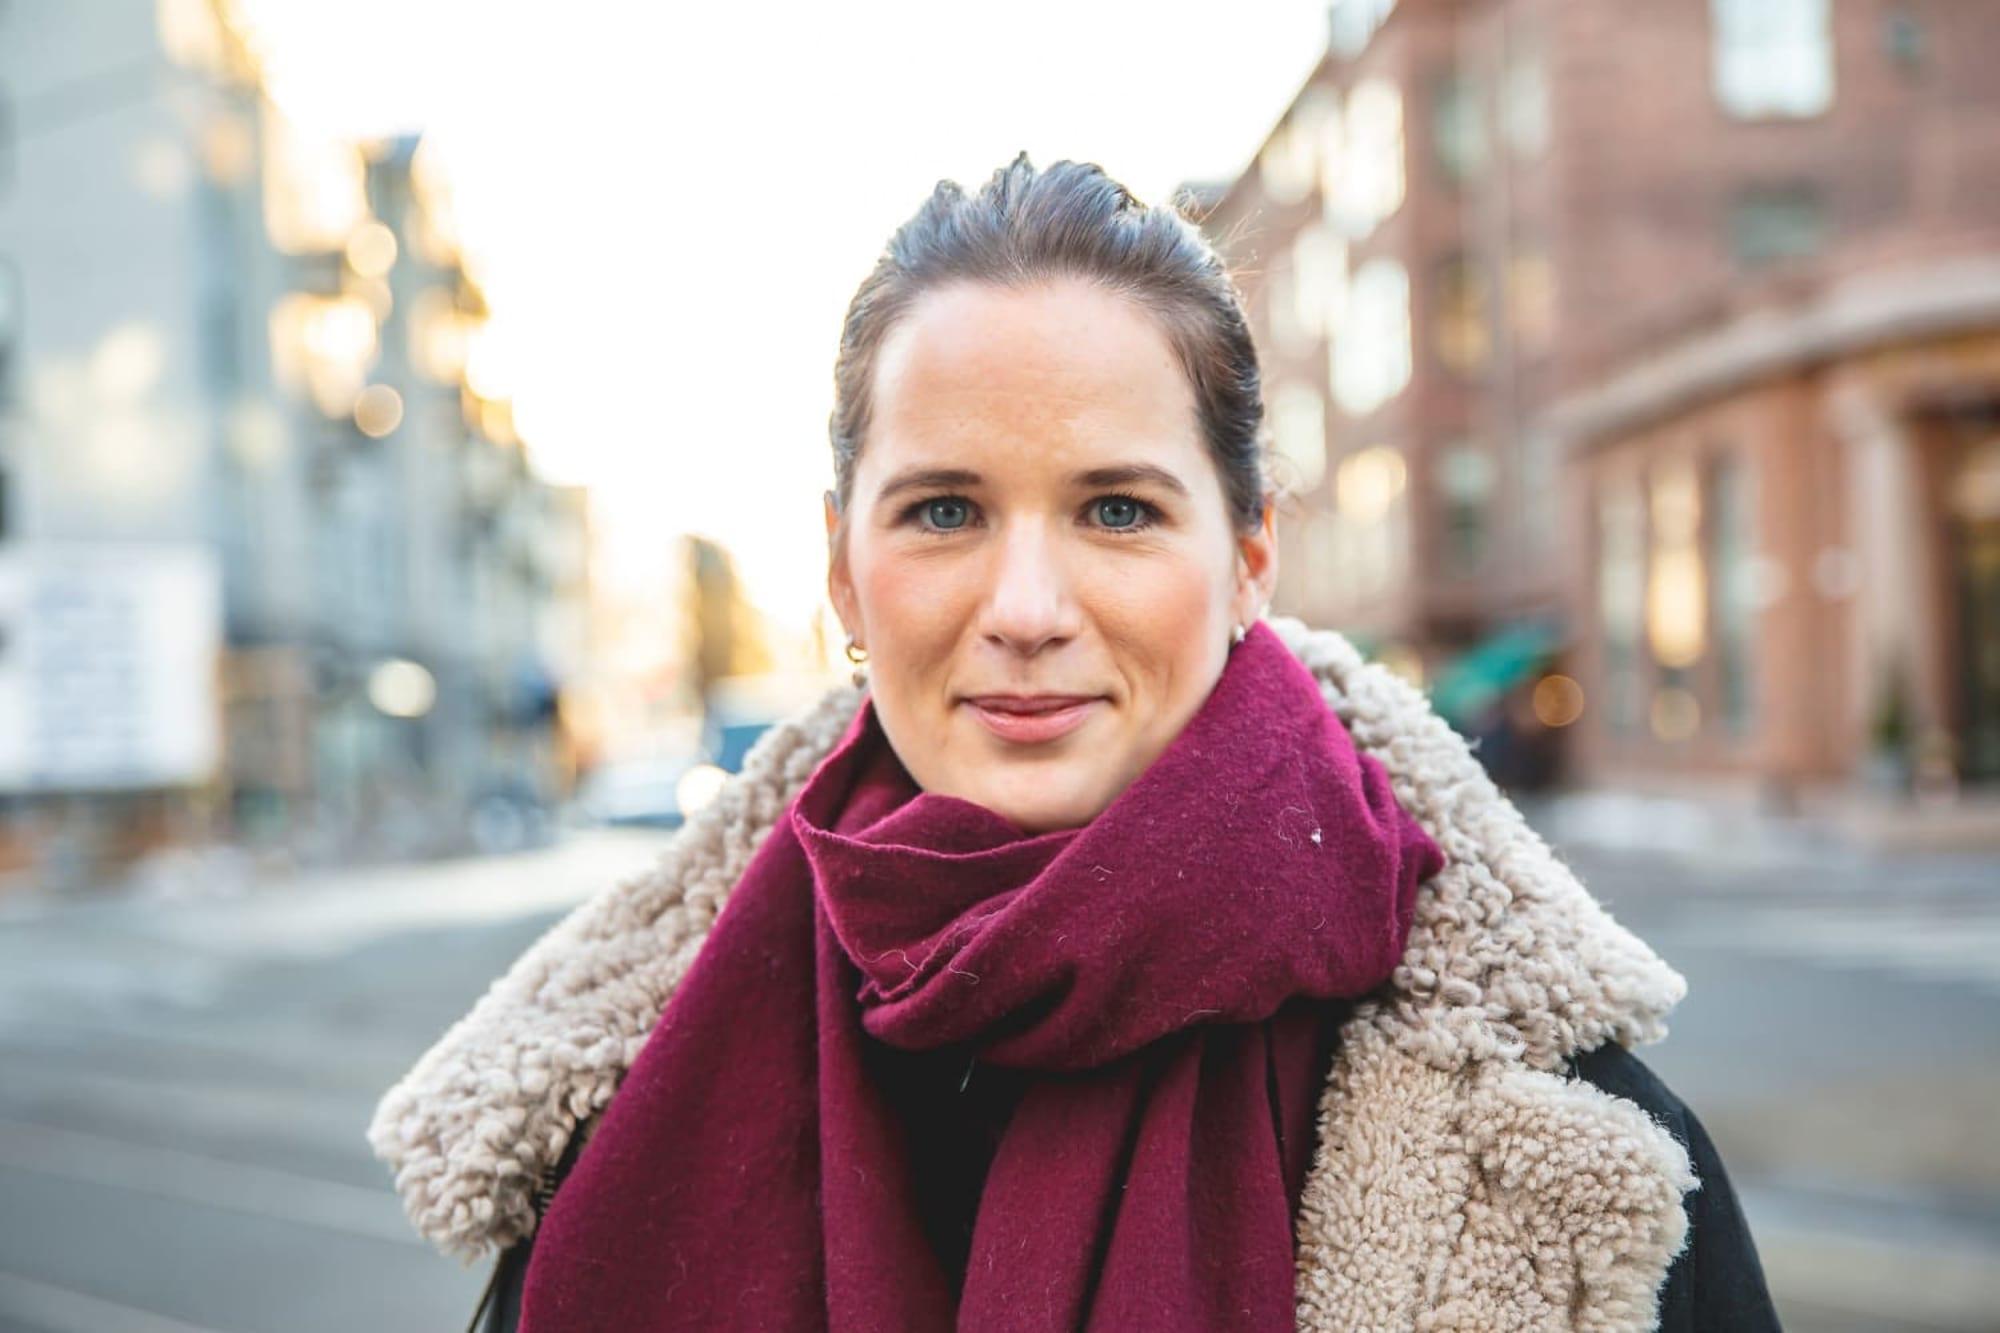 STØRRE VILJE I DAG: Det siste halvåret har Marie Louise Sunde vært mye sint og frustrert, men hun lar ikke det komme til syne i likestillingsarbeidet sitt. – Løsningen er mye vanskeligere med en gang man får en konflikt.